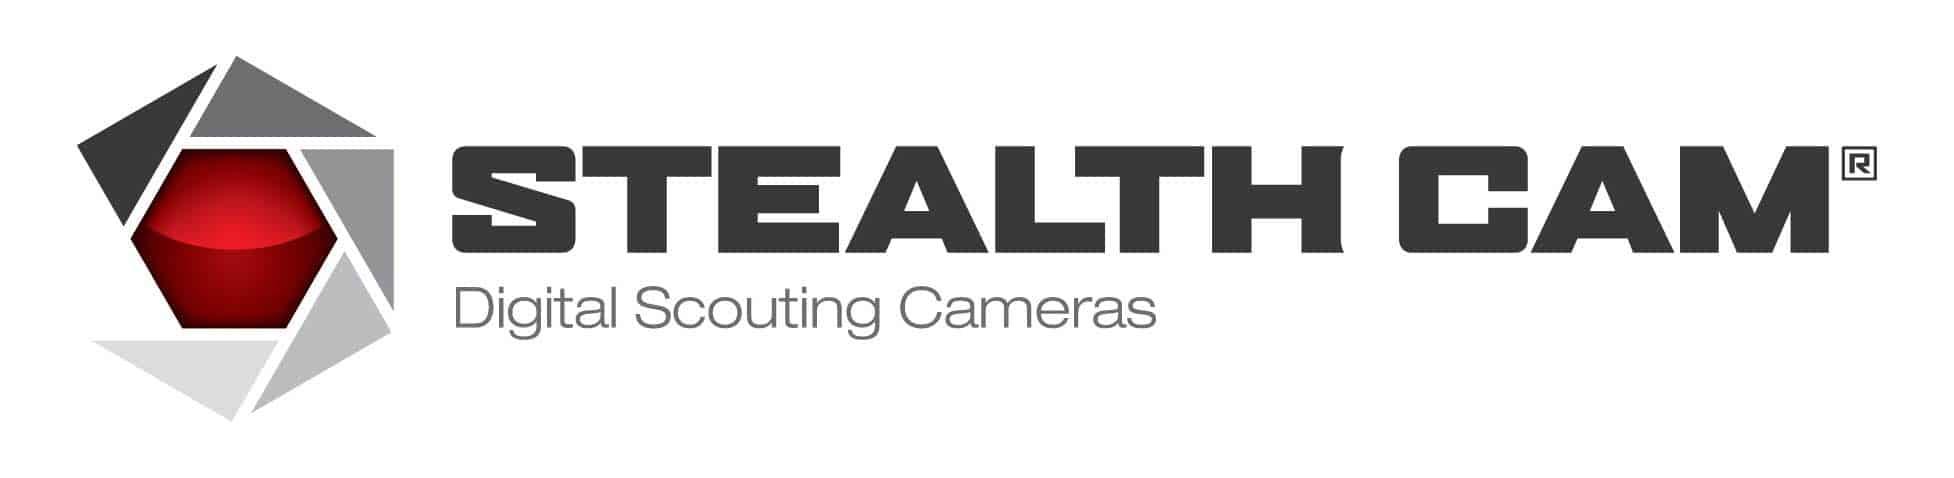 stealthcam-logo